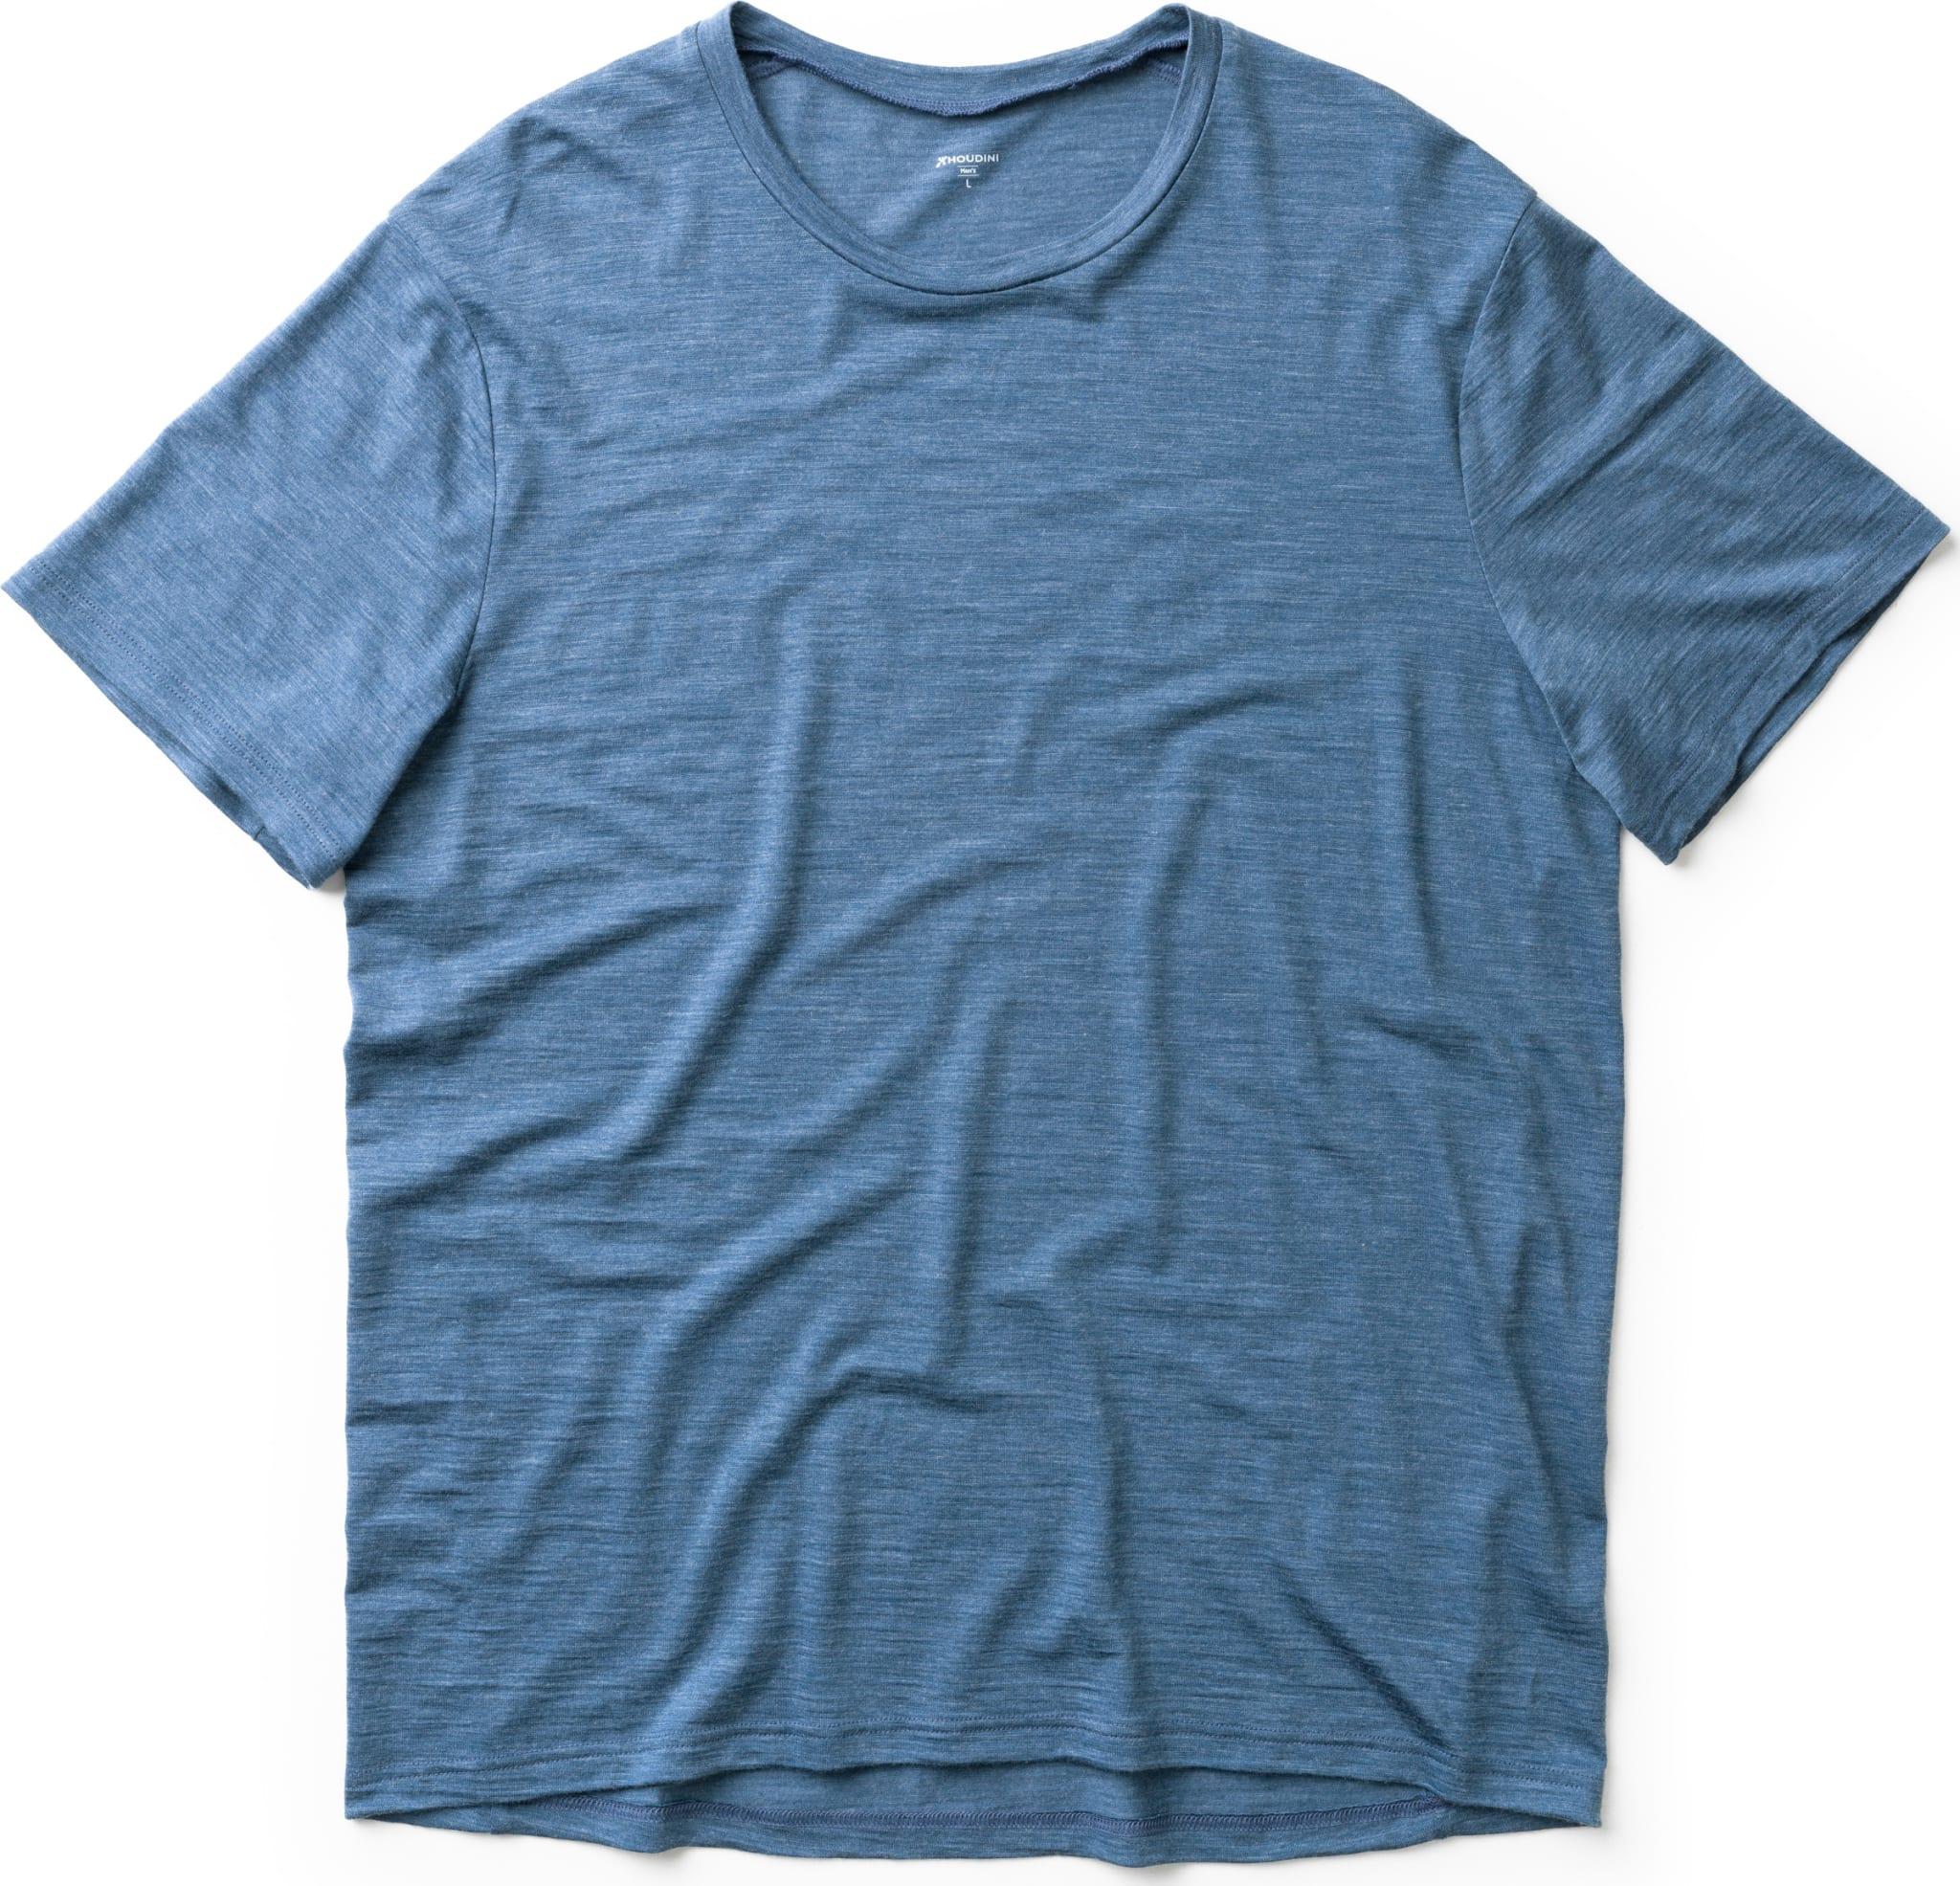 Behagelig t-skjorte i 60% ull og 40% Tencel